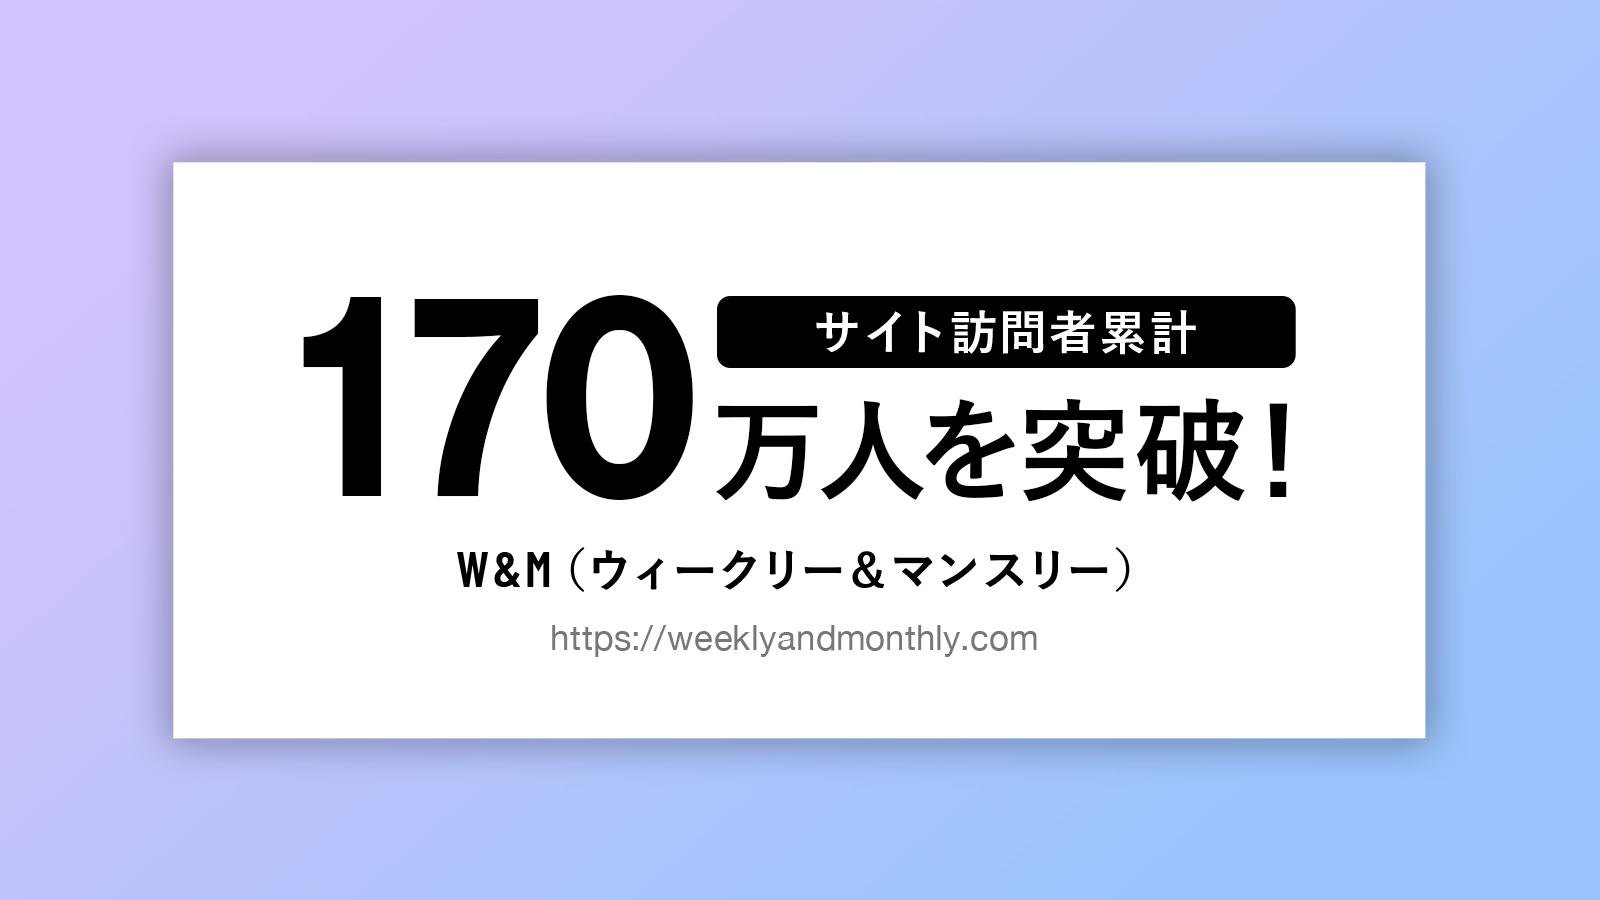 【PR】W&M(ウィークリー &マンスリー) サイト訪問者累計170万人を突破!